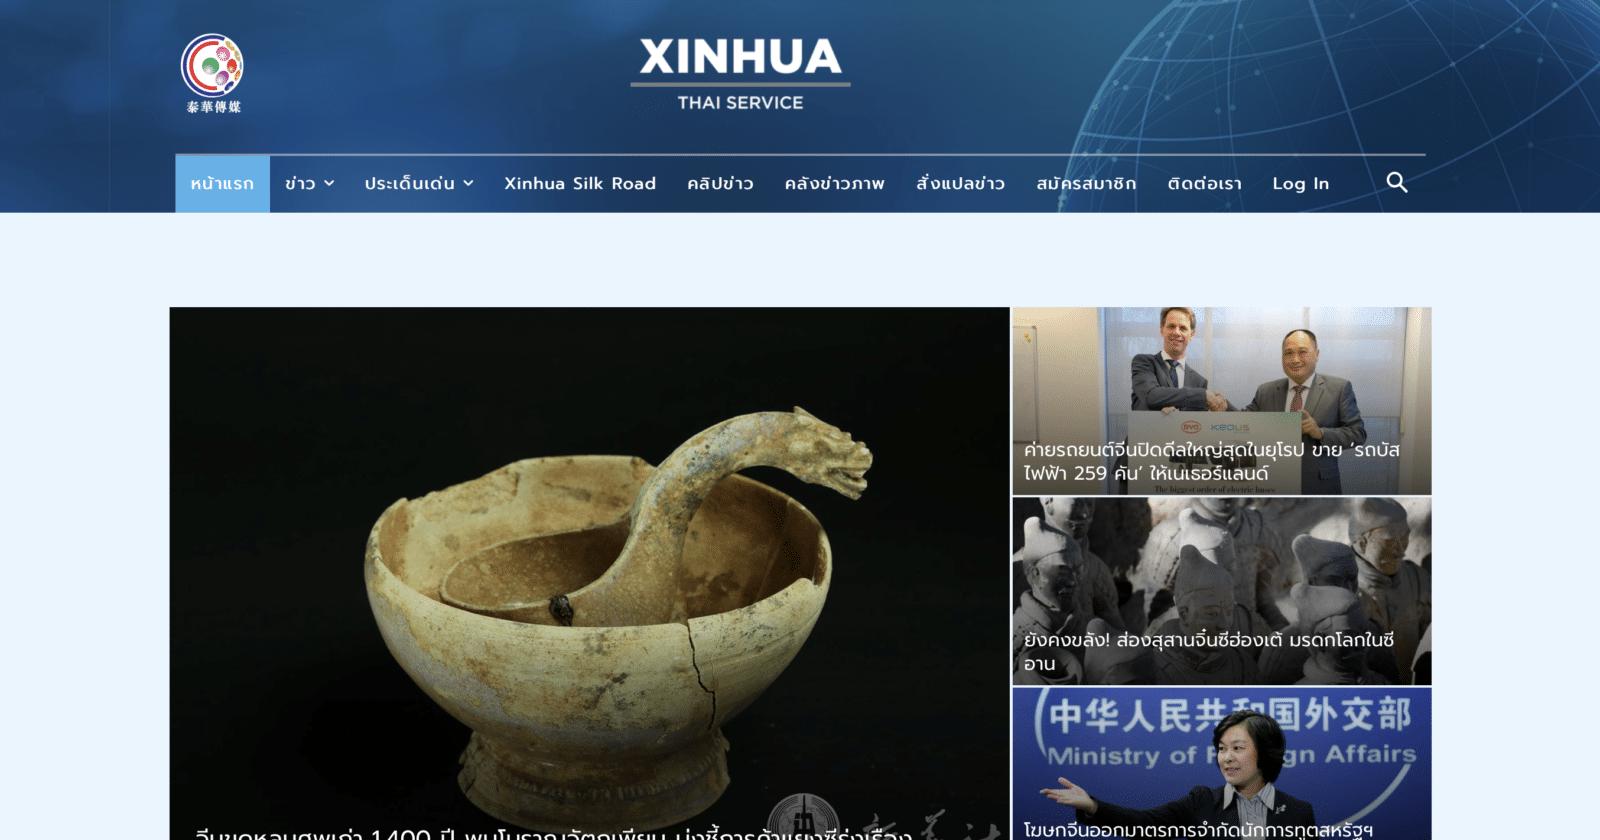 ความน่าสนใจเมื่อ XinHua เปิดสำนักข่าวทำคอนเทนต์ภาษาไทย เพราะอะไร ?